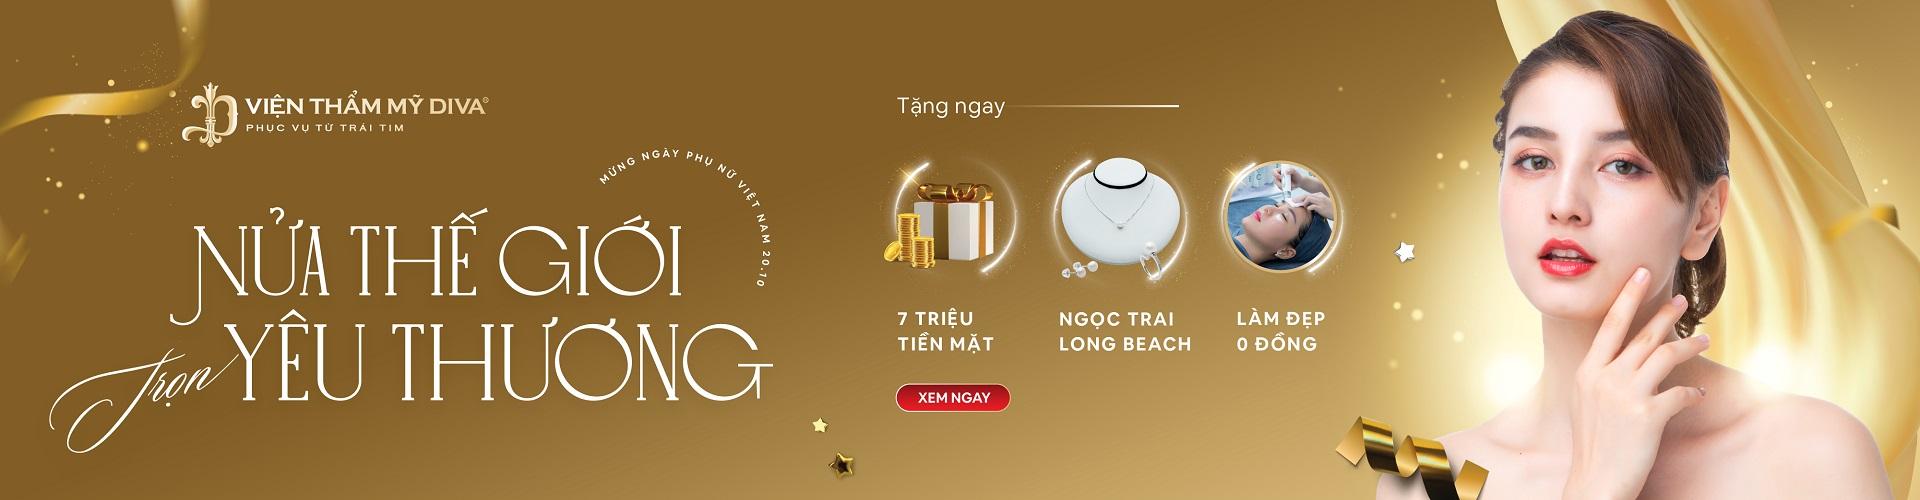 nua-the-gioi-tron-yeu-thuong (2)